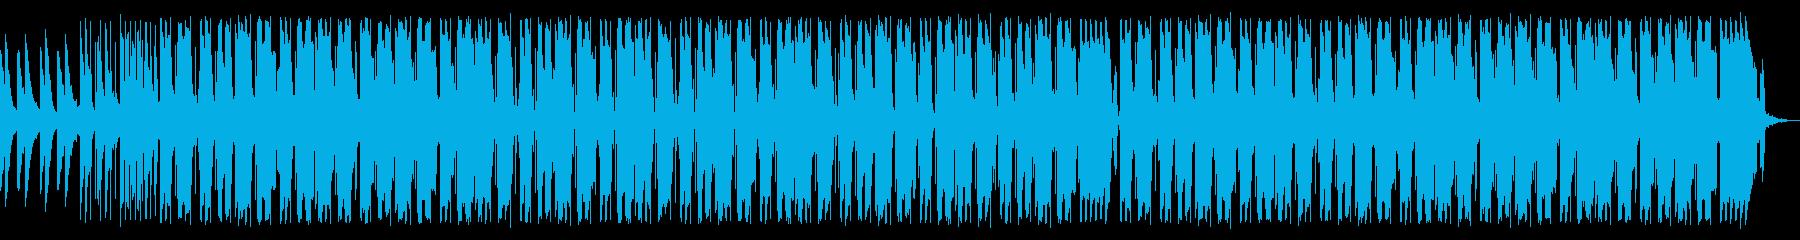 レトロ ドラマチック エレキギター...の再生済みの波形